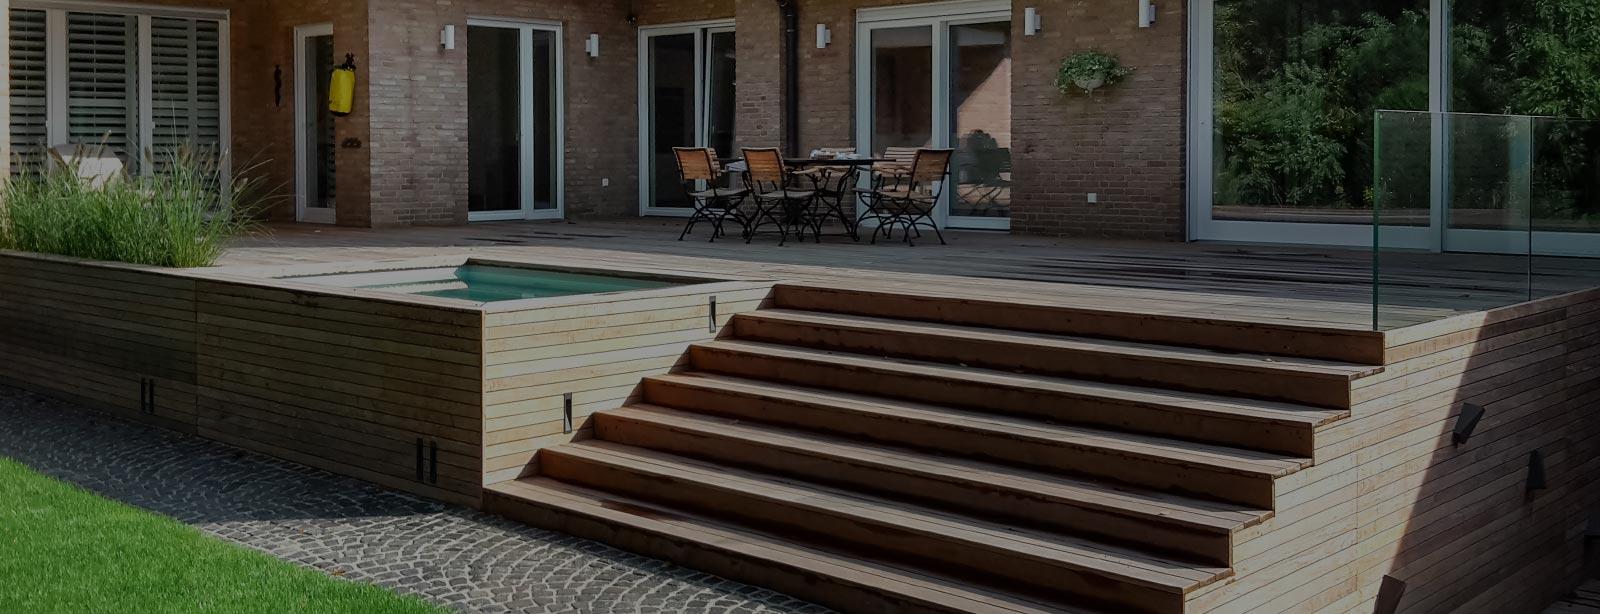 terrassen wellness holz vogel. Black Bedroom Furniture Sets. Home Design Ideas